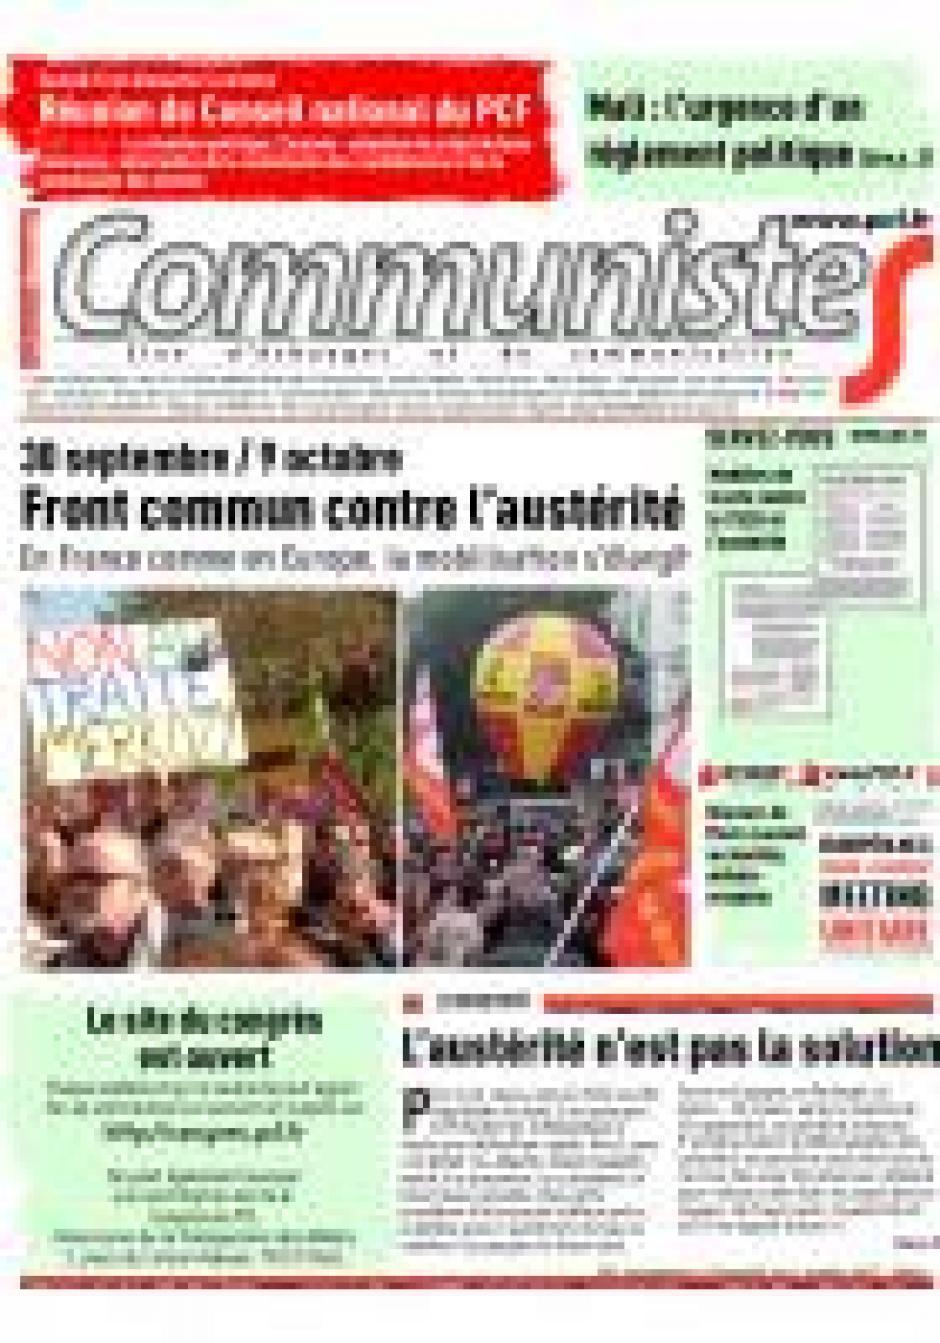 information et présentation de la plaquette Energie par G.S dans le Journal CommunisteS n 492 - 11 octobre 2012.